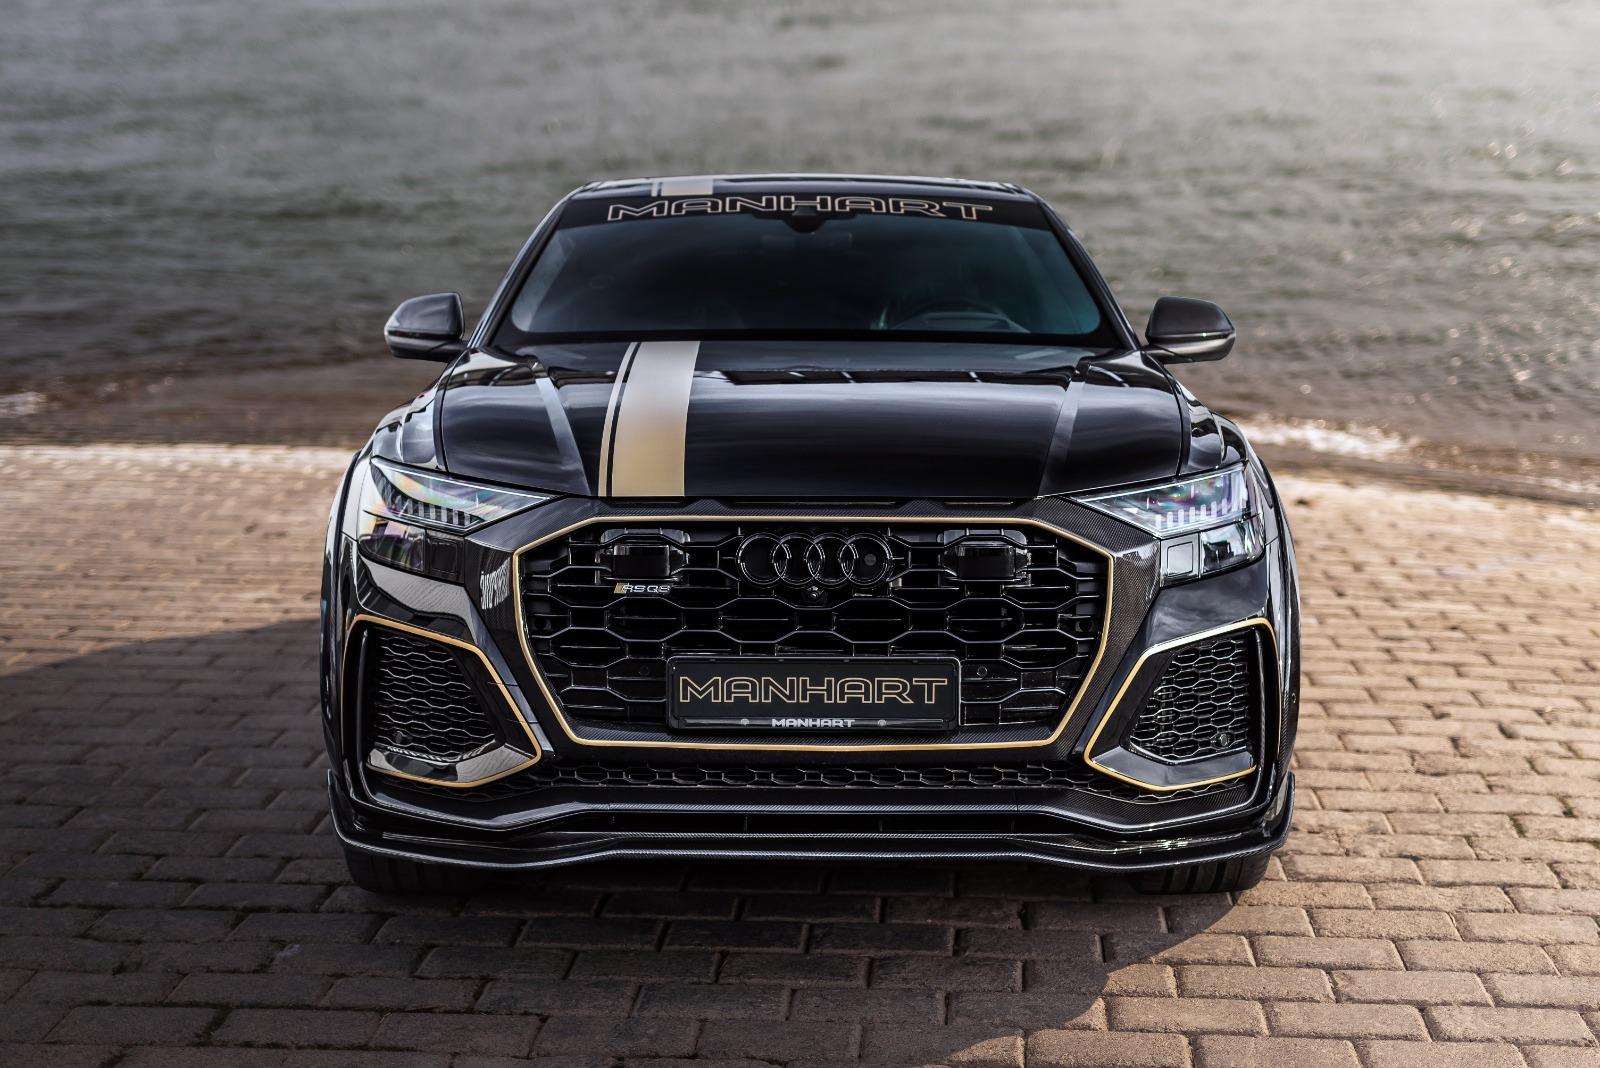 Manhart_RQ900_Audi_RS_Q8-0001